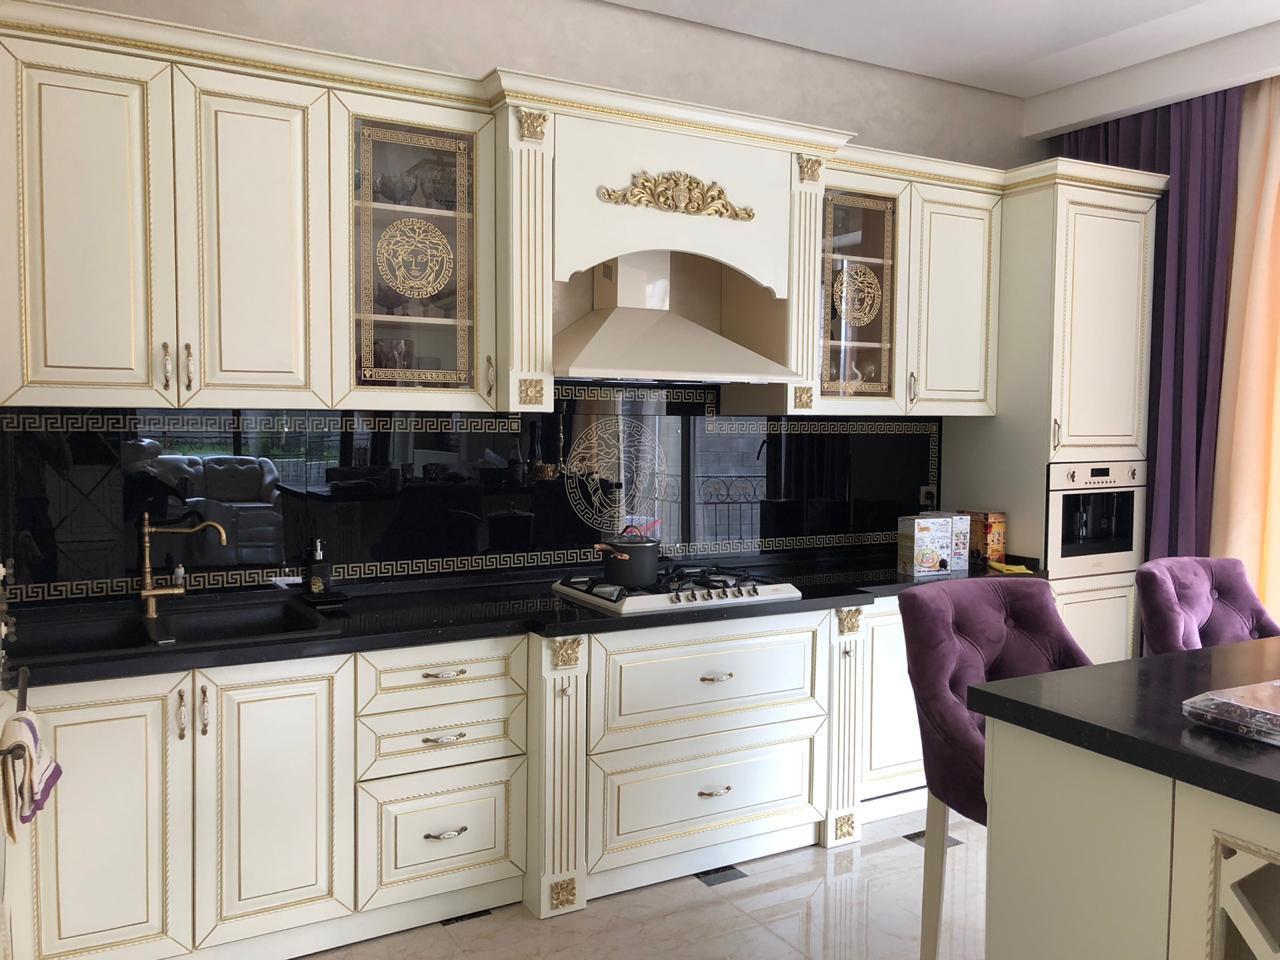 Кухонный гарнитур мдф крашенный со столешницей из искусственного камня